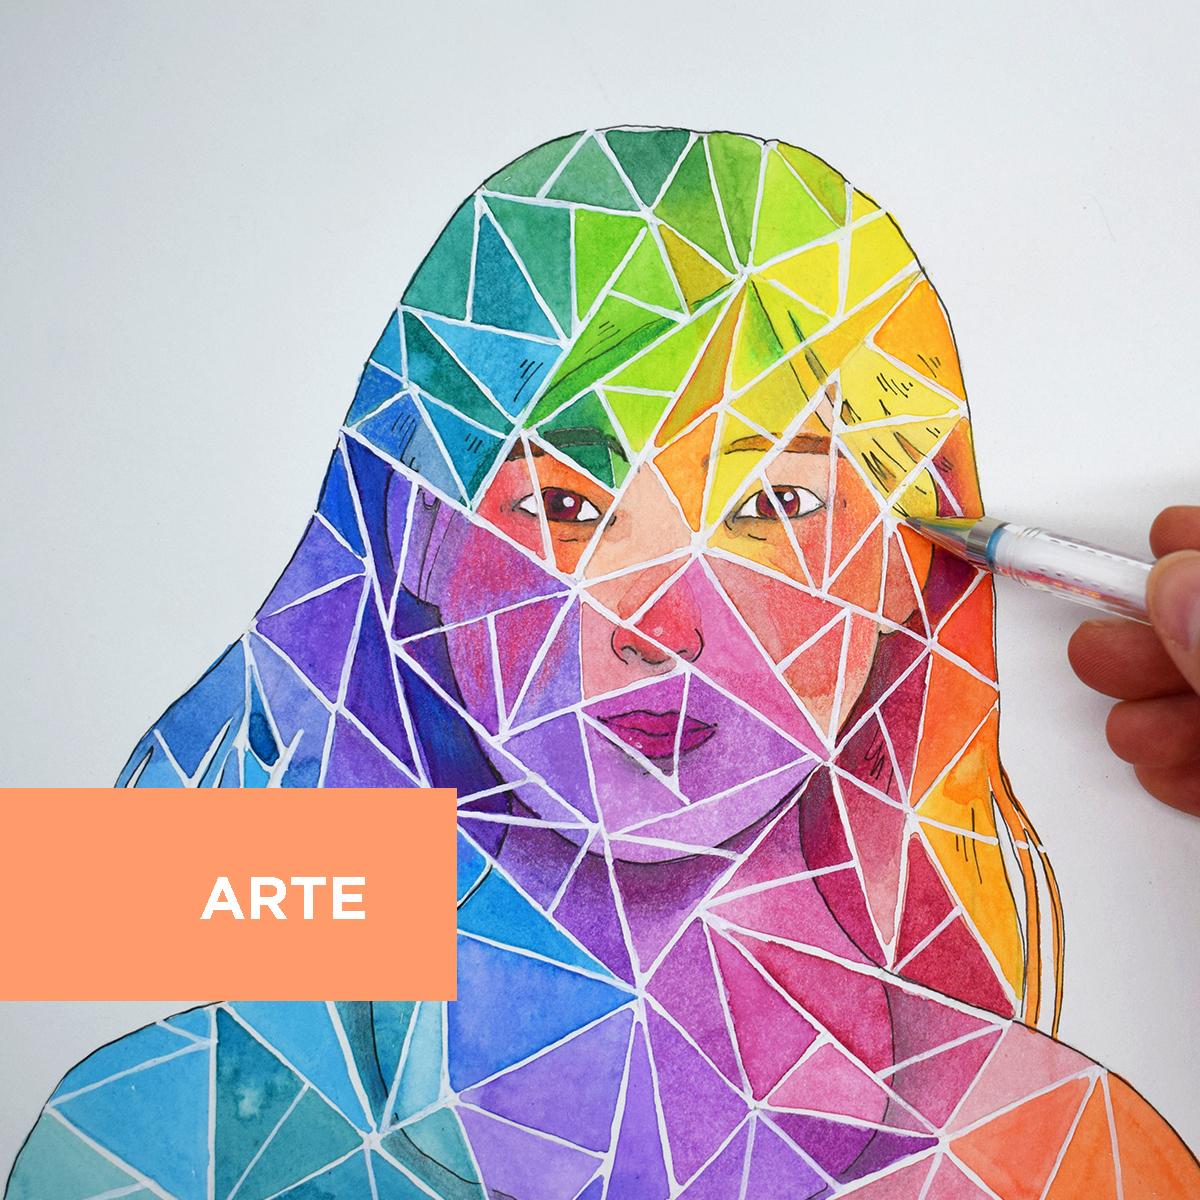 Divertirsi con l'arte: effetti speciali e trucchi del mestiere con la tecnica mista